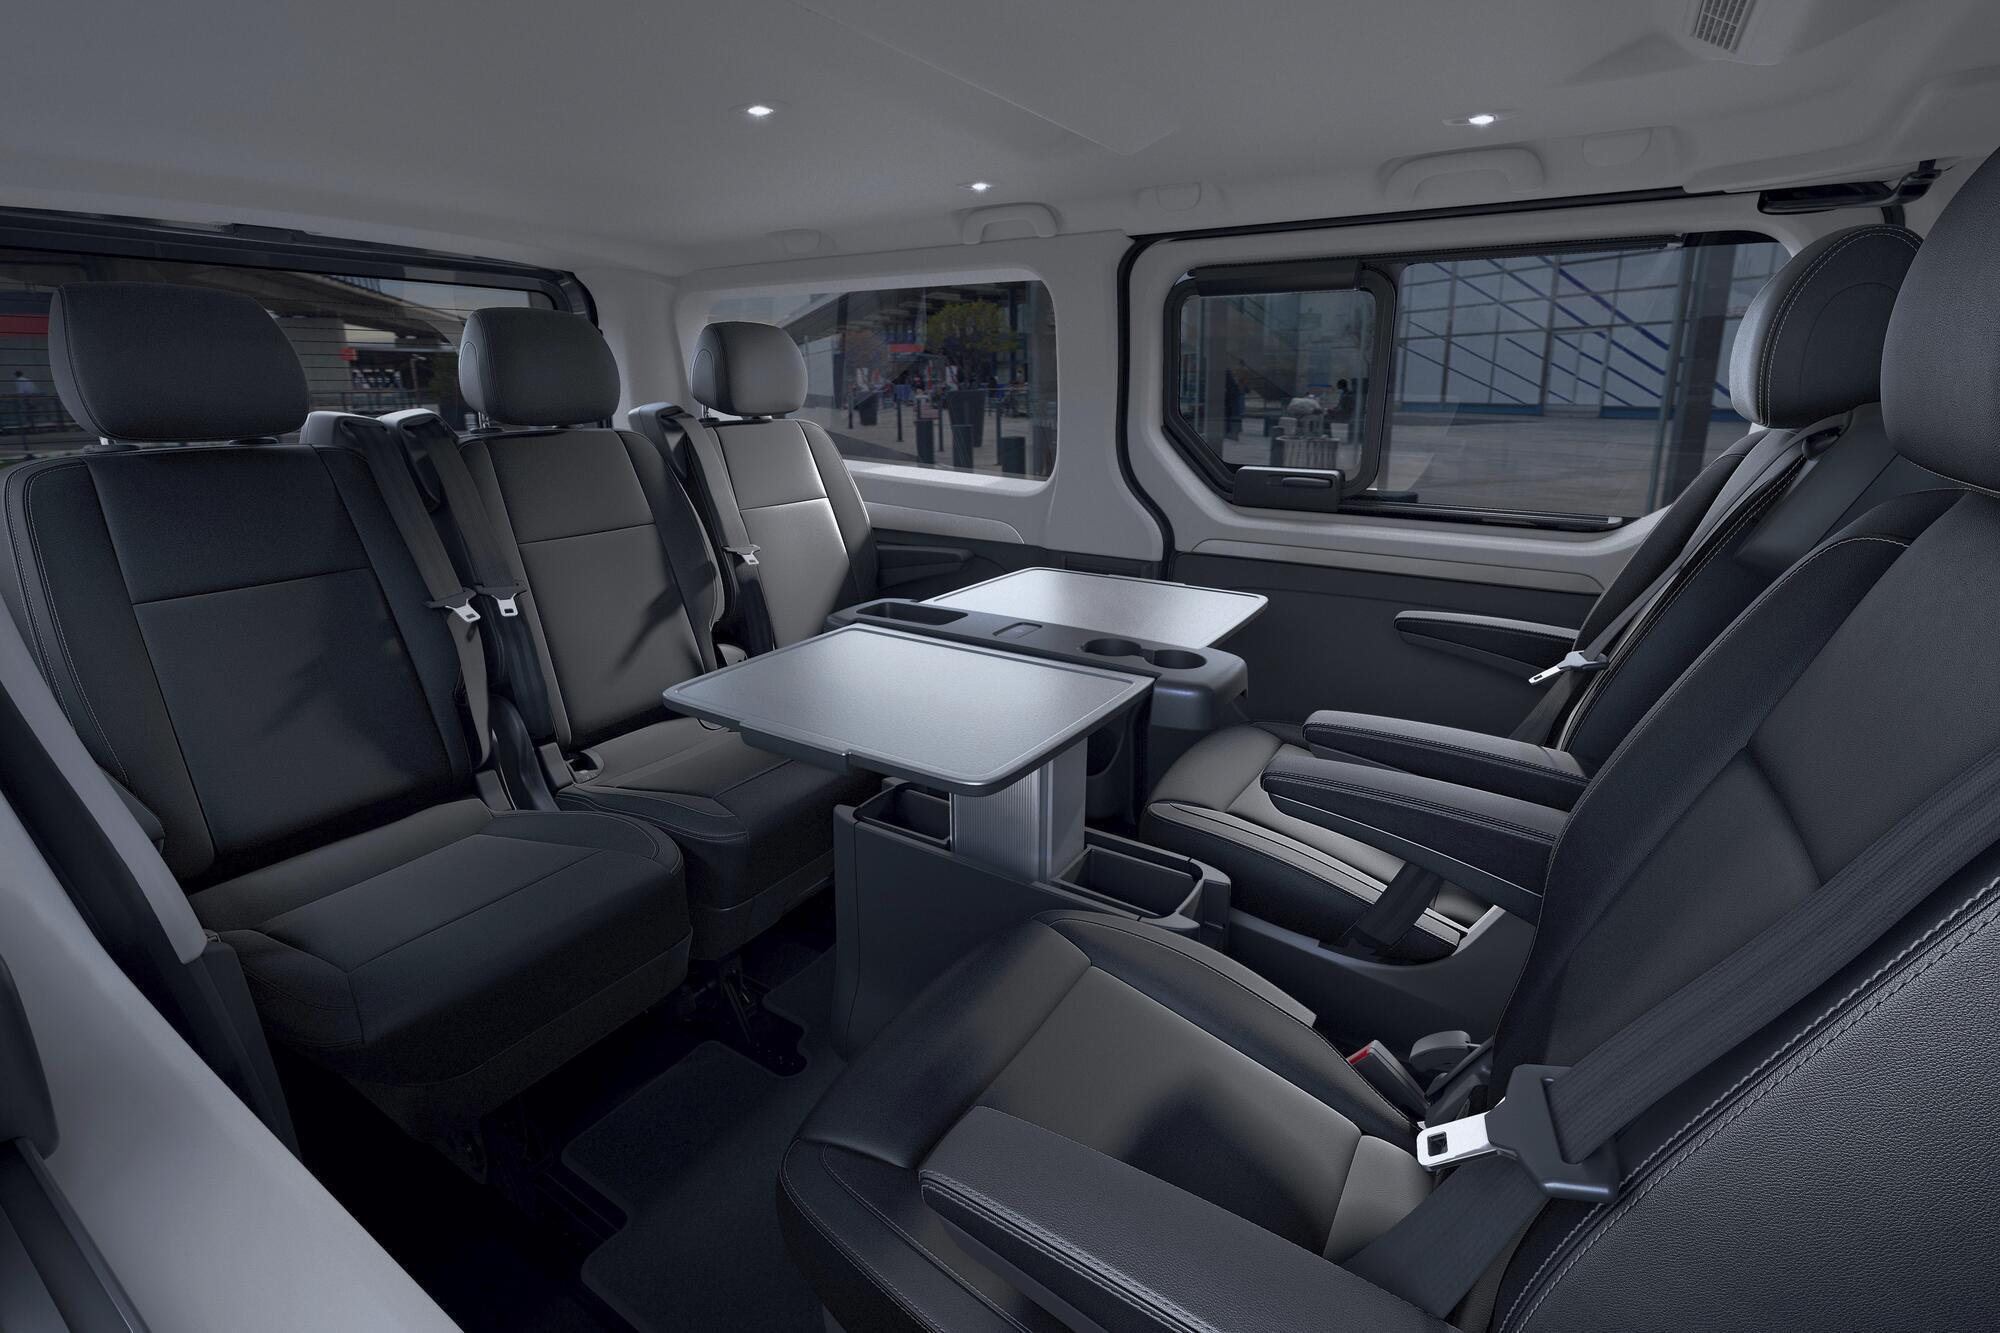 Noul Renault Trafic este disponibil în versiunile Combi și SpaceClass